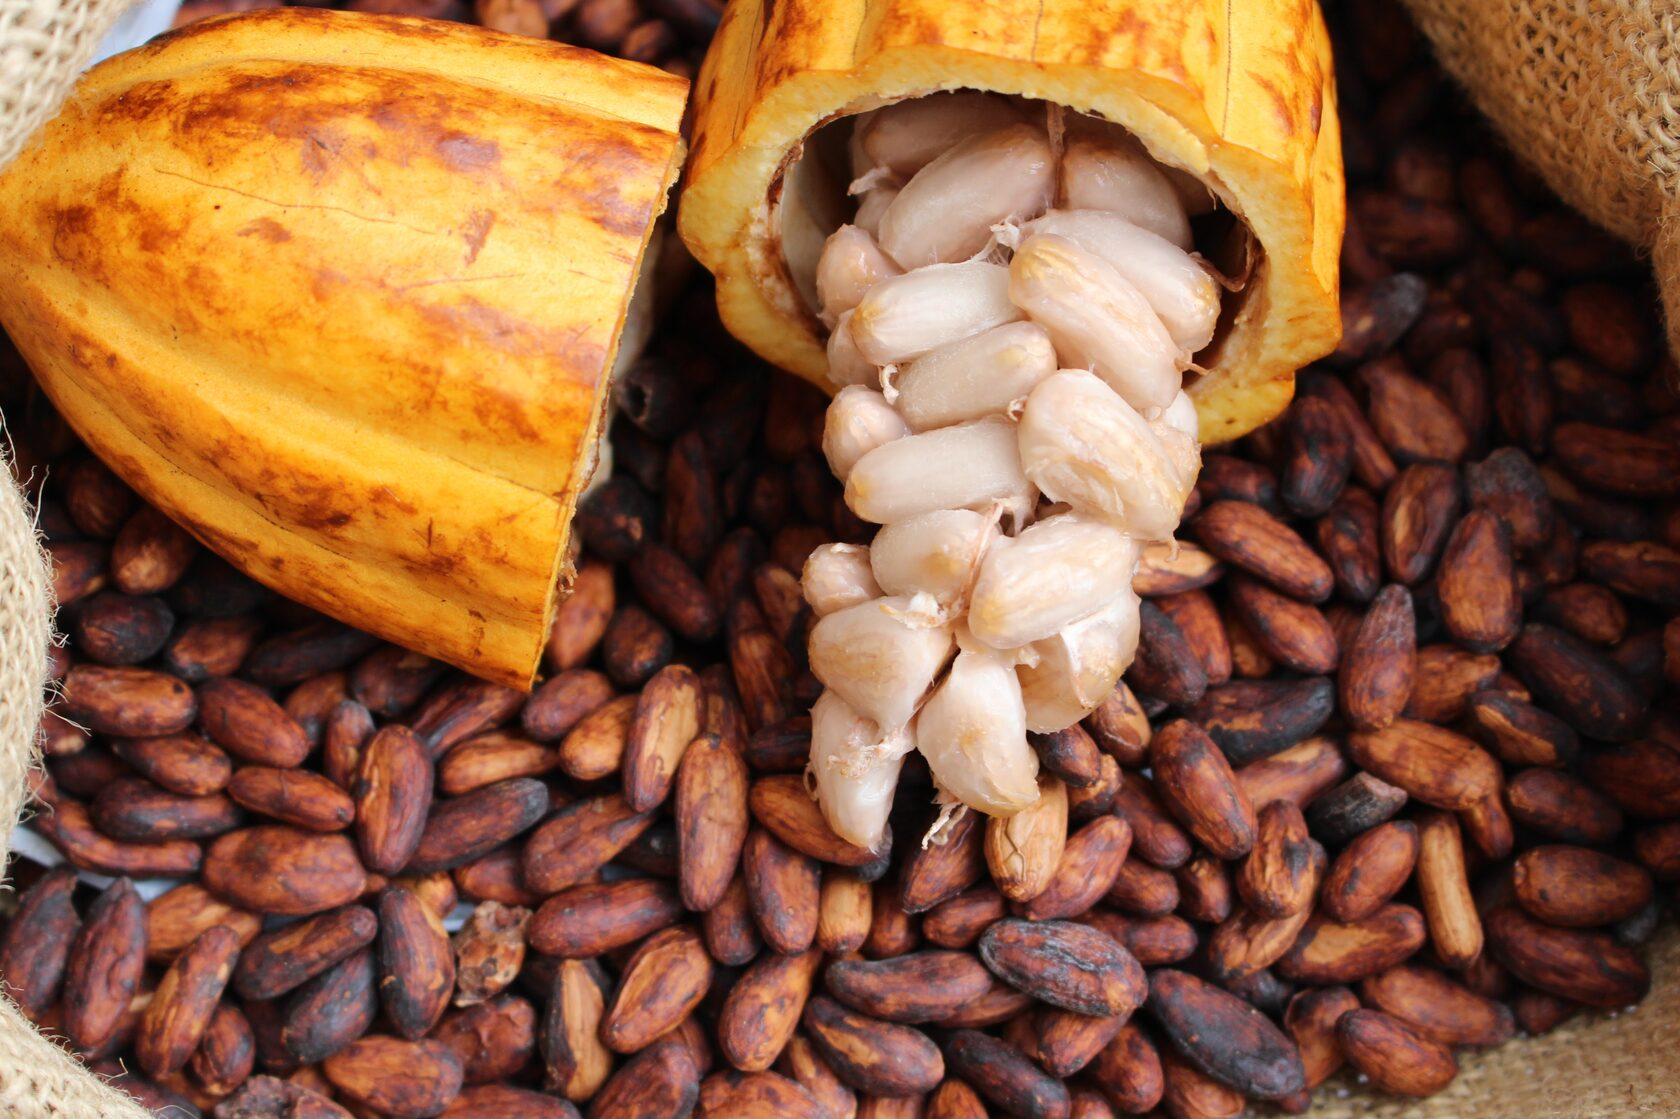 Cacau silvestre da Amazônia apresenta grande potencial de mercado para fabricação de chocolate (Foto: SOS Amazônia)